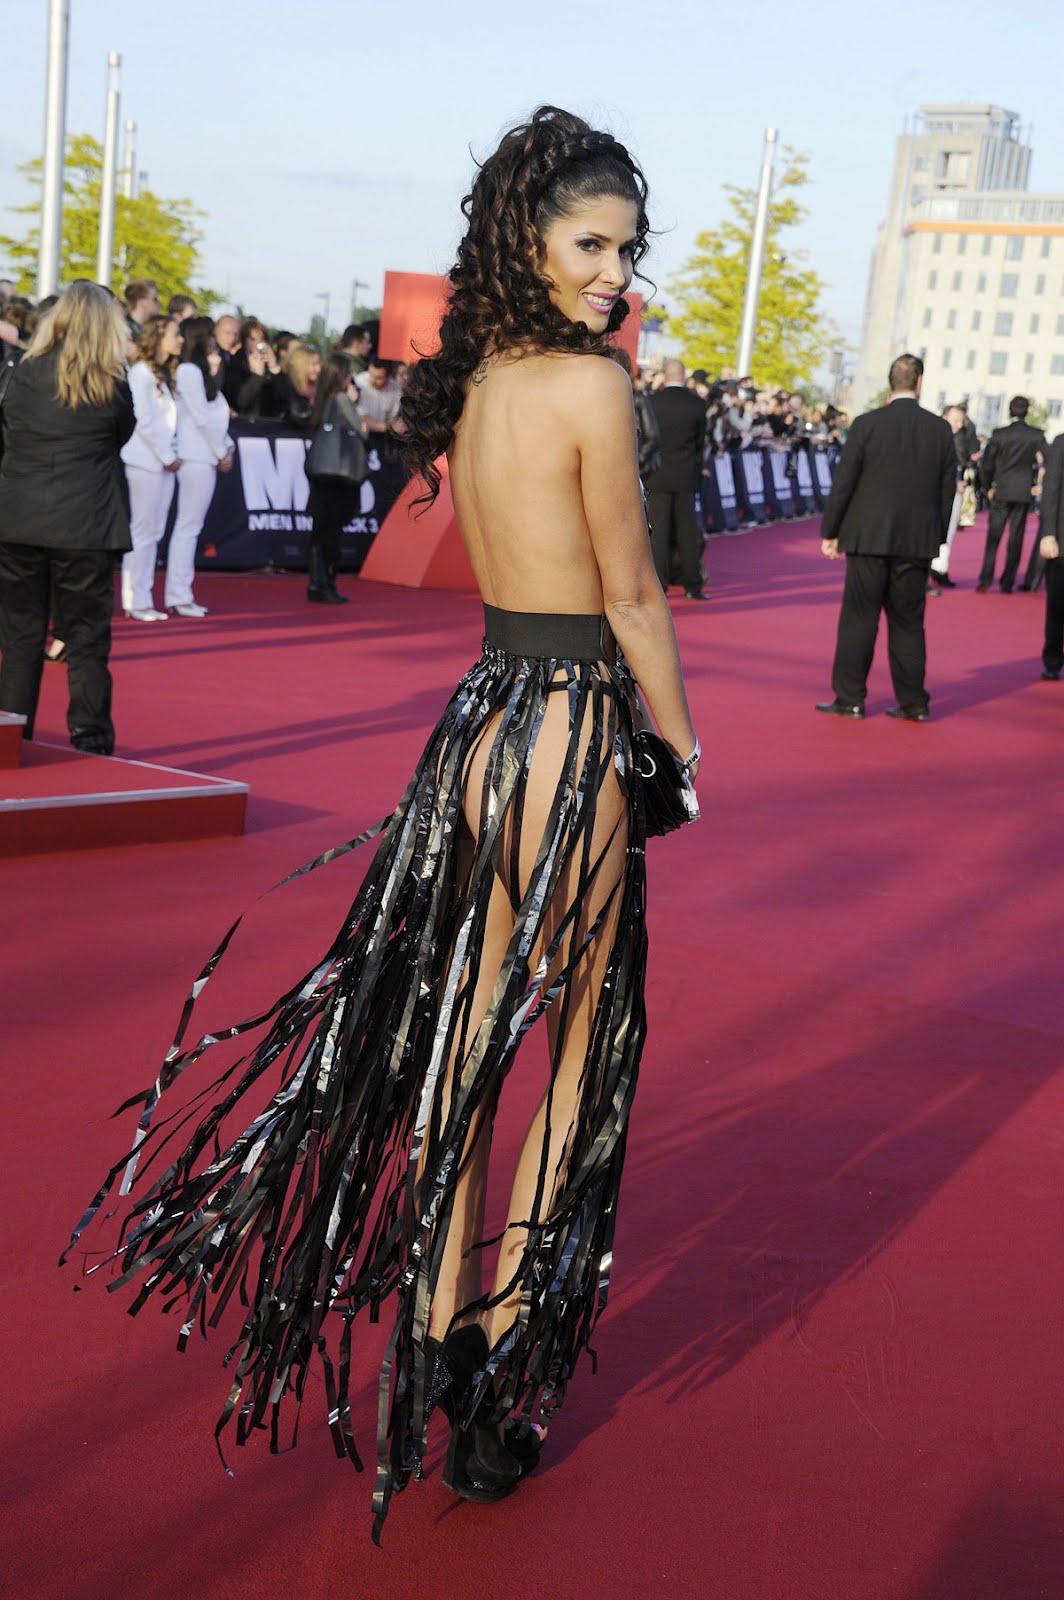 Micaela Schaefer Flaunts Boobs, Butt @ Men In Black 3